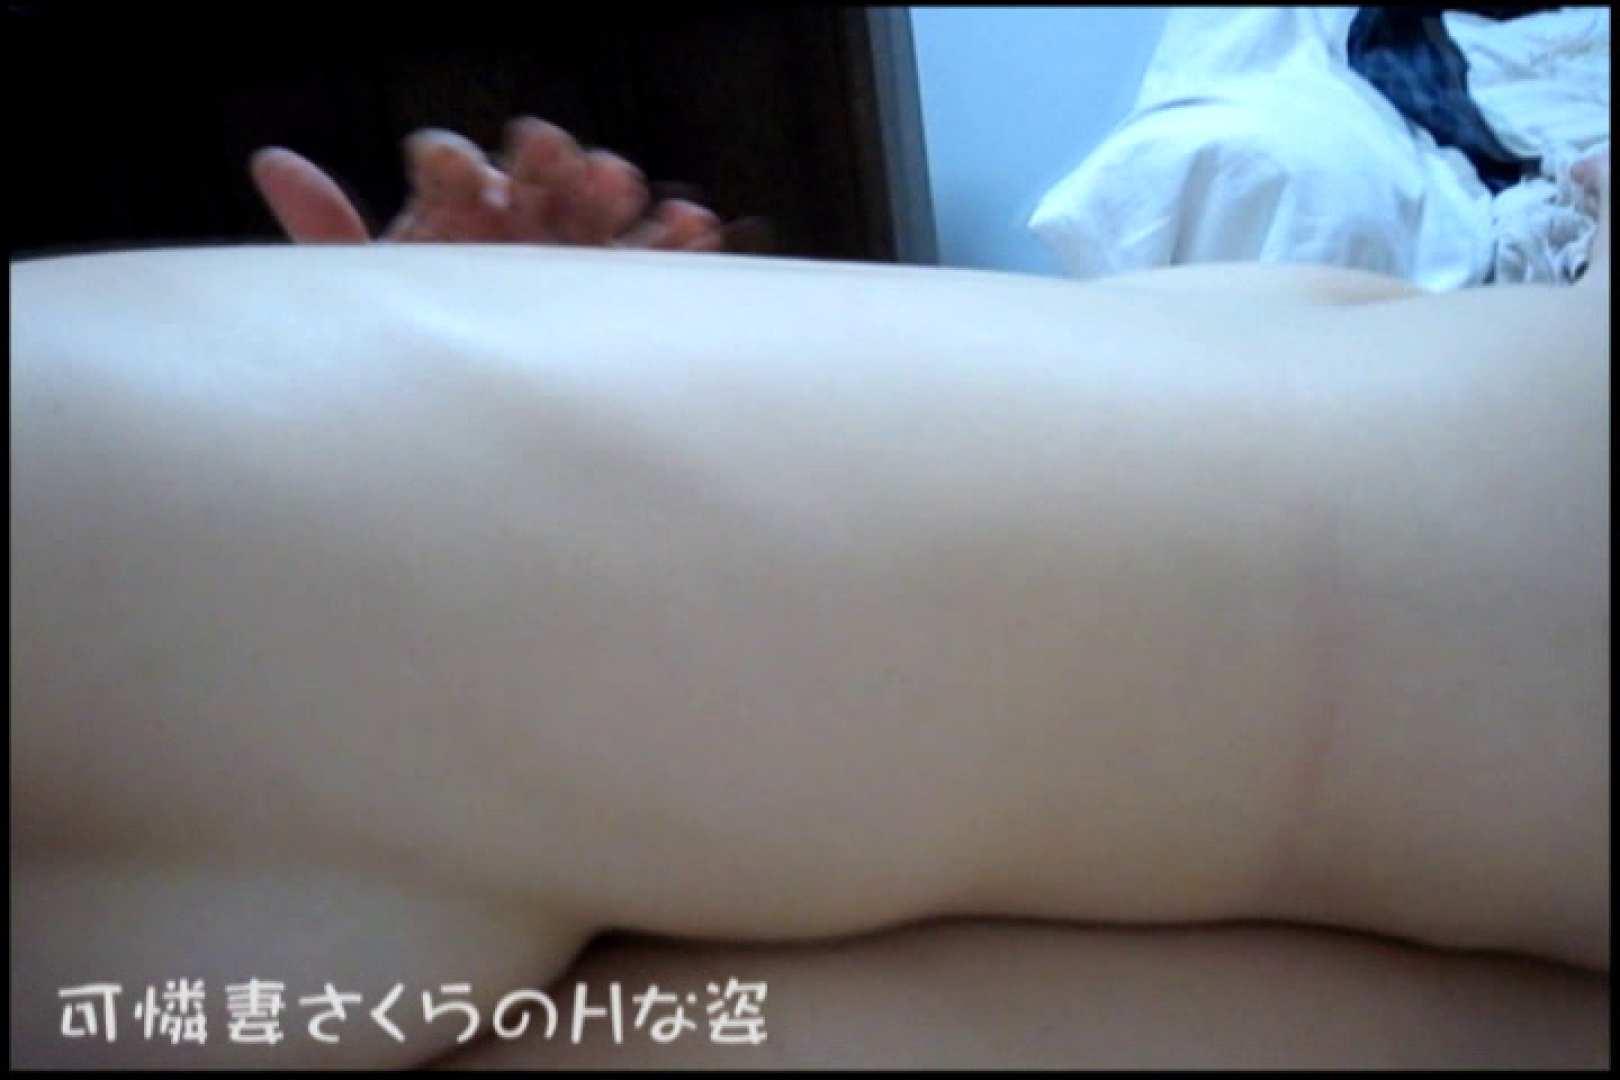 セックスアダルト動画|可憐妻さくらのHな姿vol.10|大奥